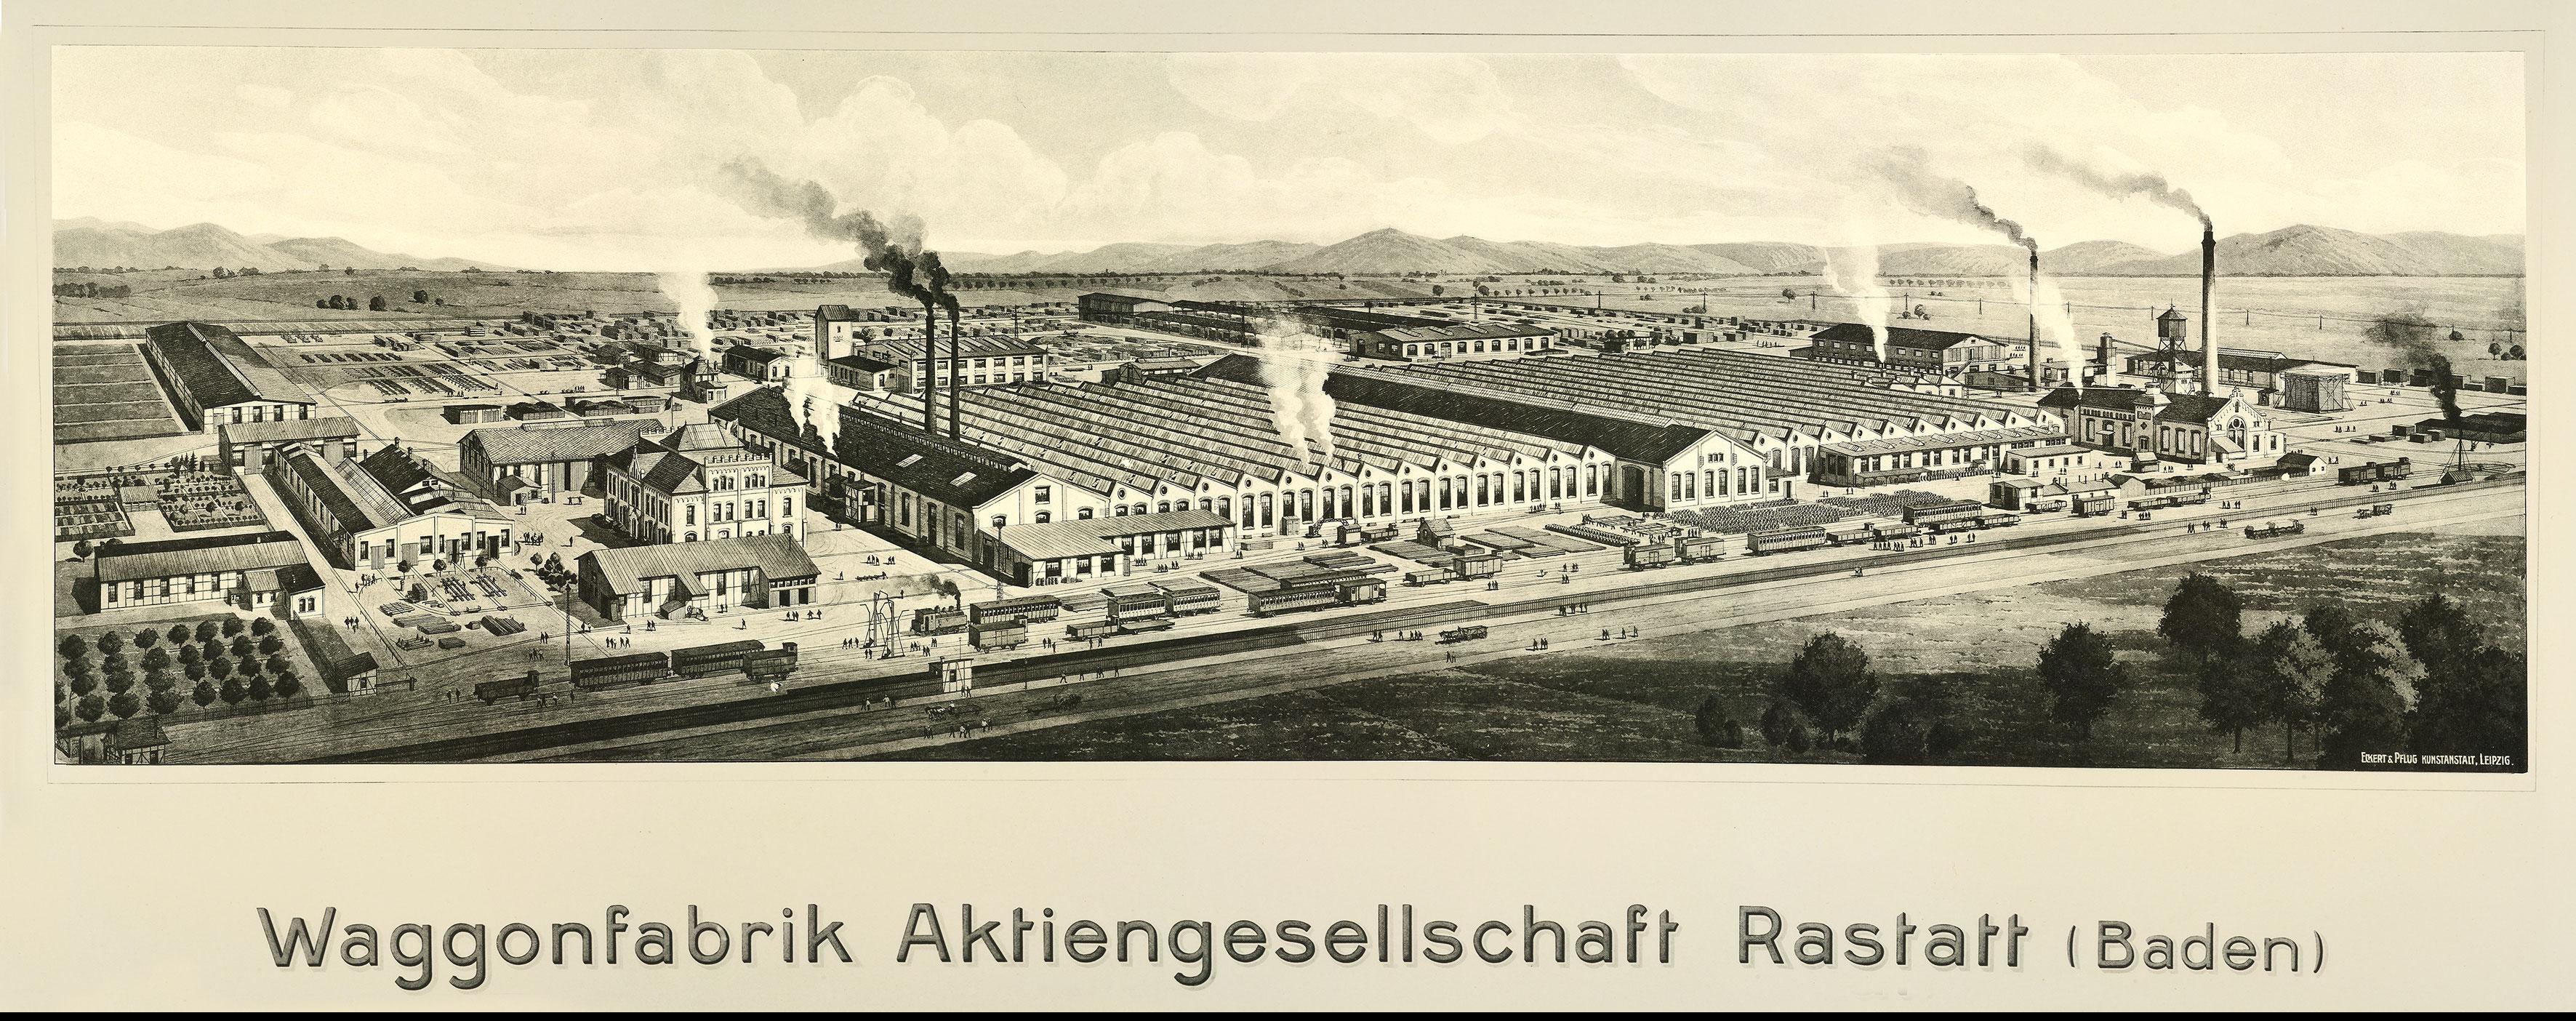 Waggonfabrik Rastatt; © BWR Waggonfabrik